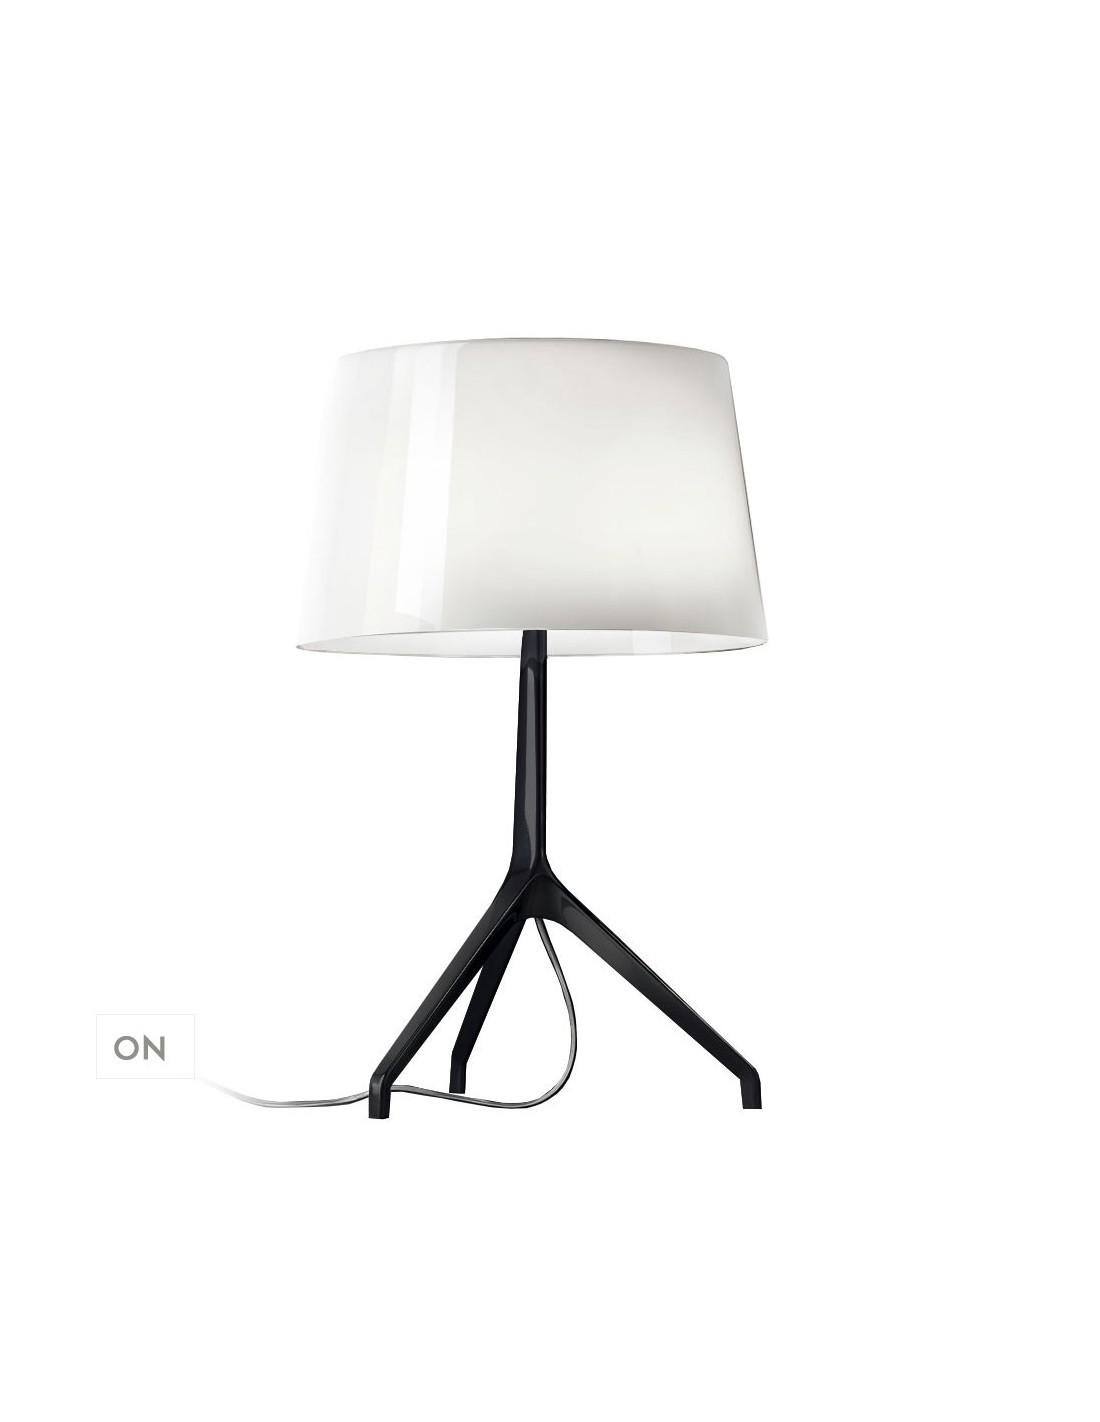 lampe de table lumi re xxl blanche et chrom noir. Black Bedroom Furniture Sets. Home Design Ideas